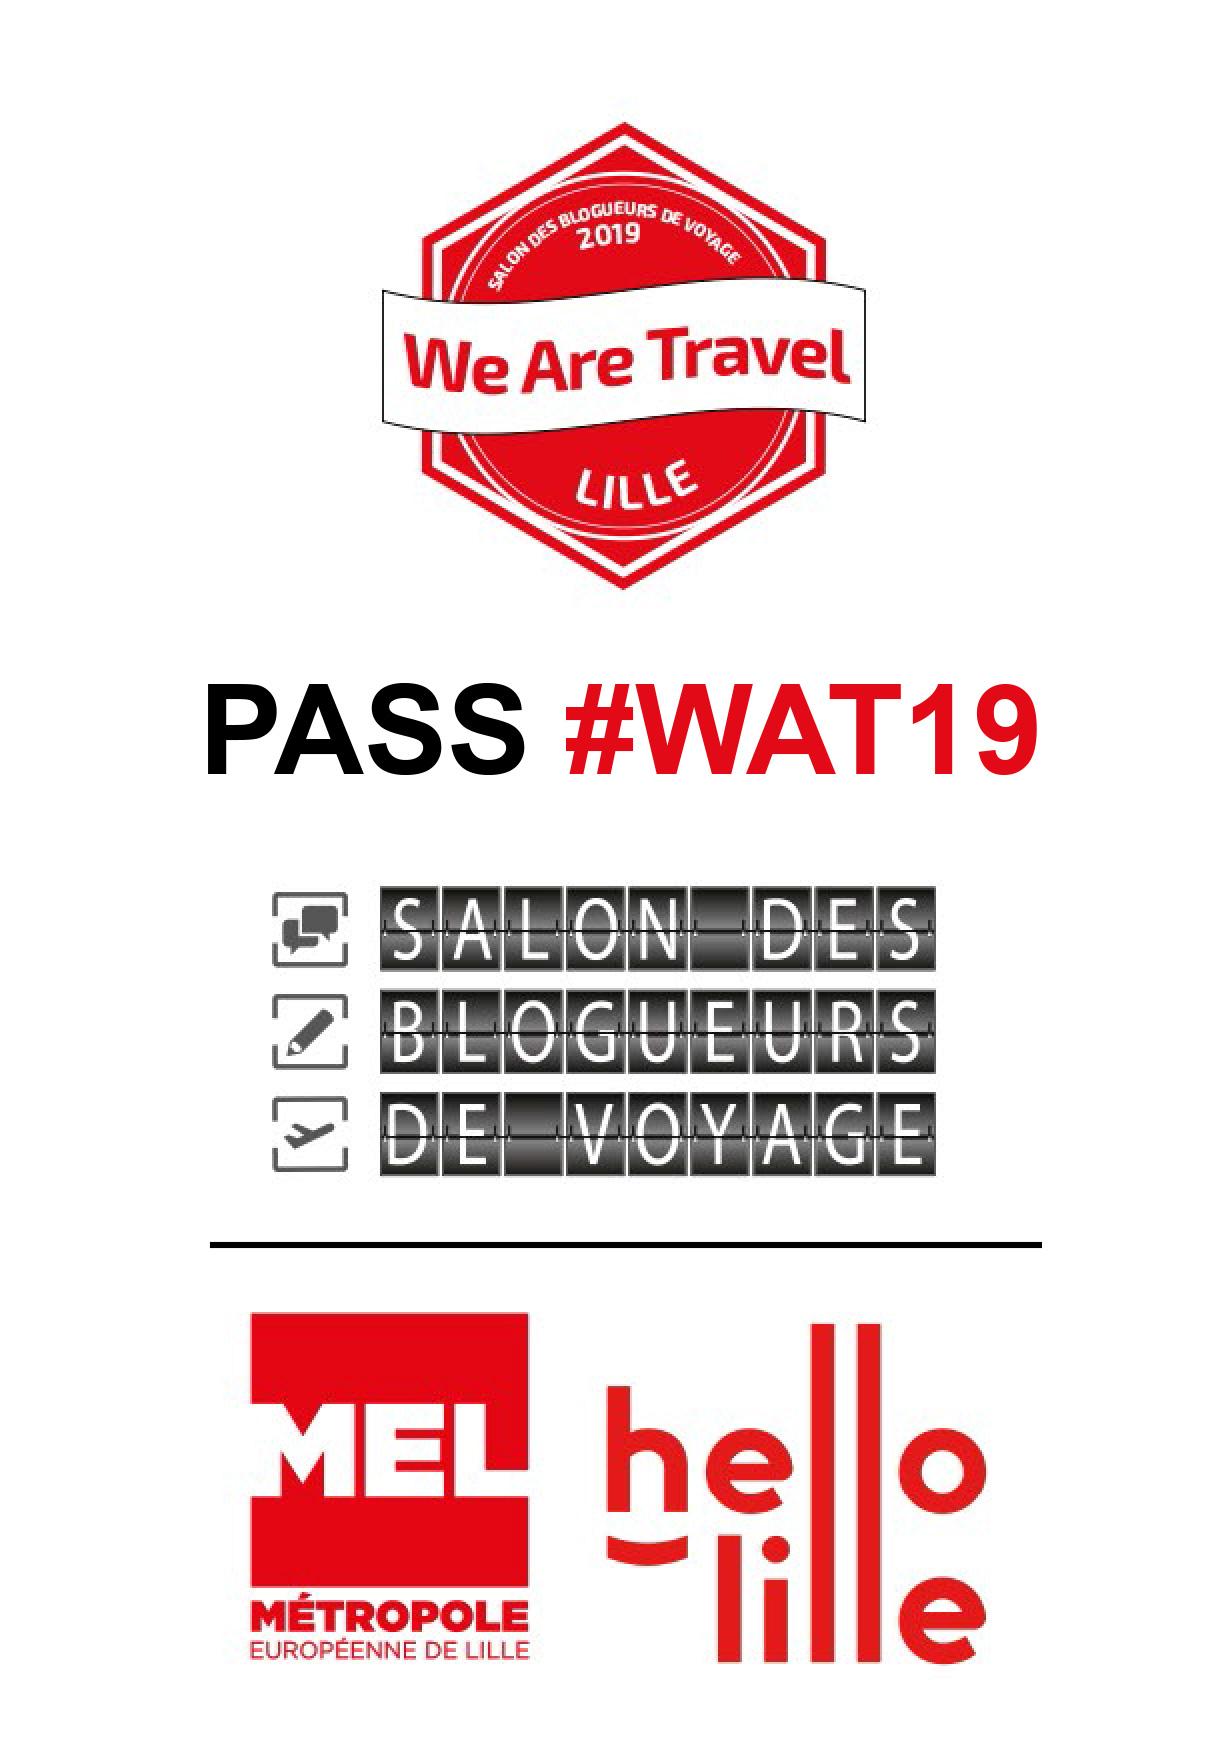 Notre Pass pour l'entrée du Wat 19